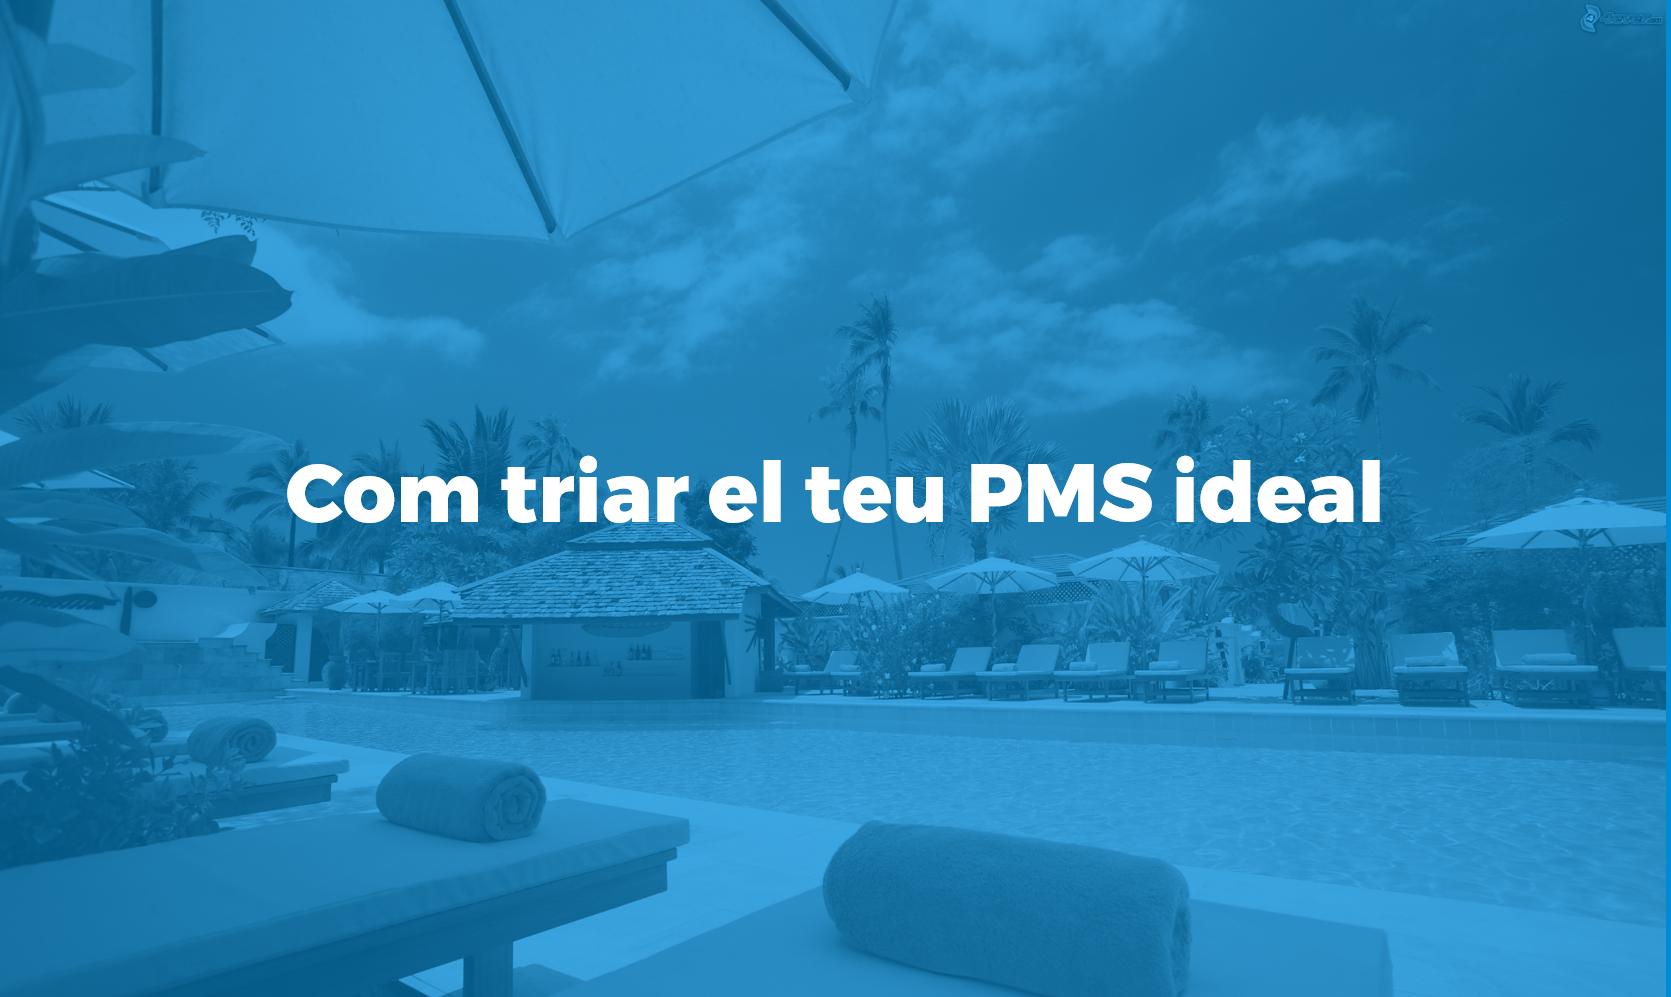 Tria PMS ideal Bismart